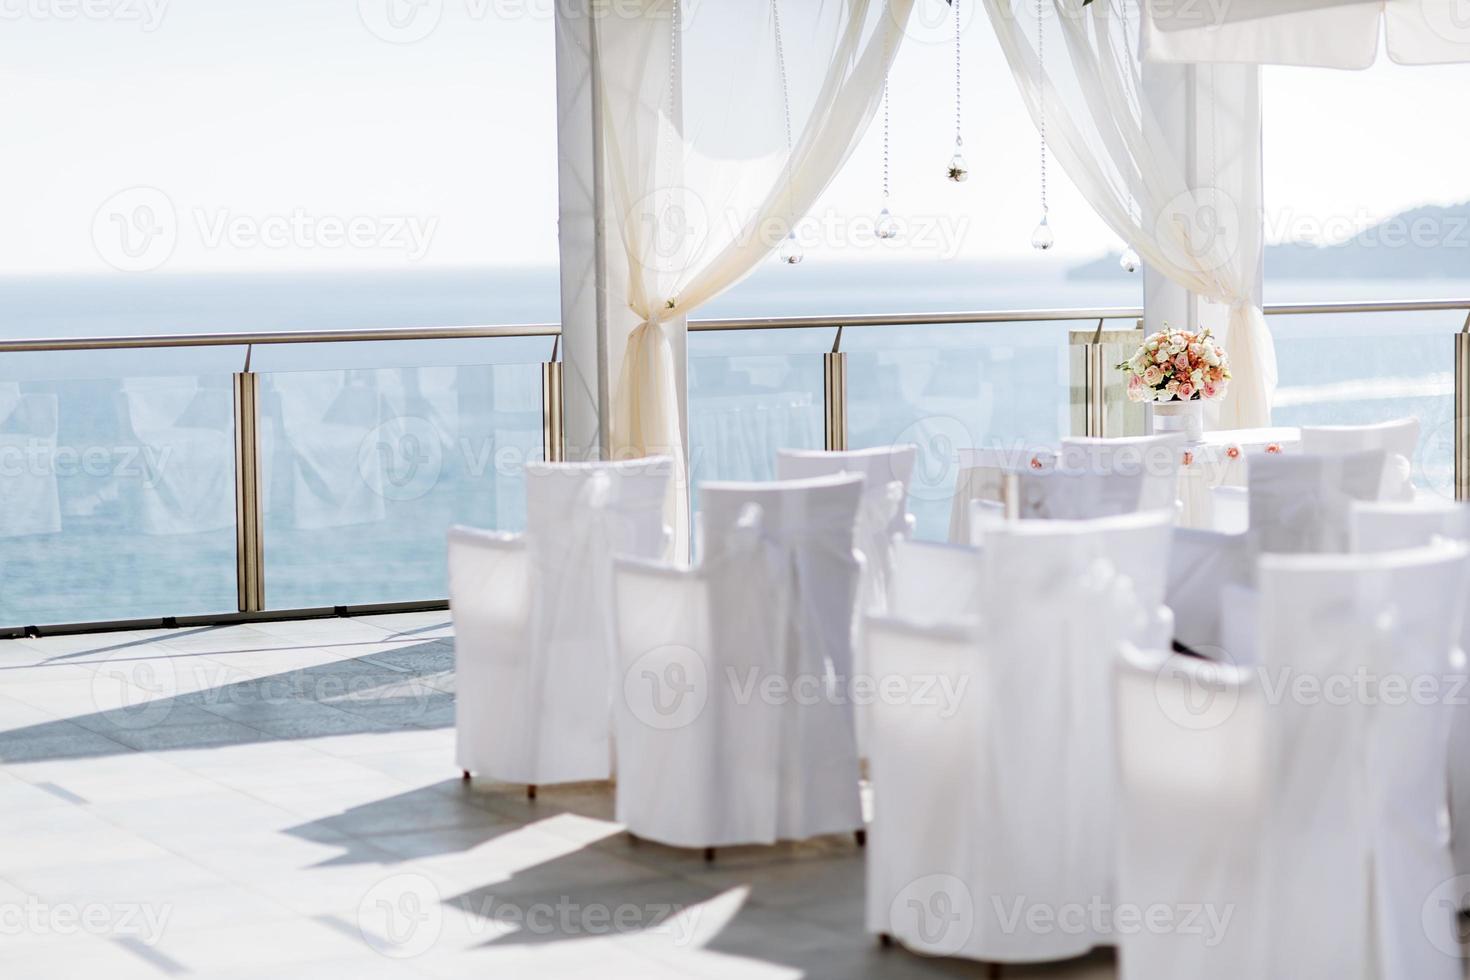 prachtige luxe altaardecoratie foto